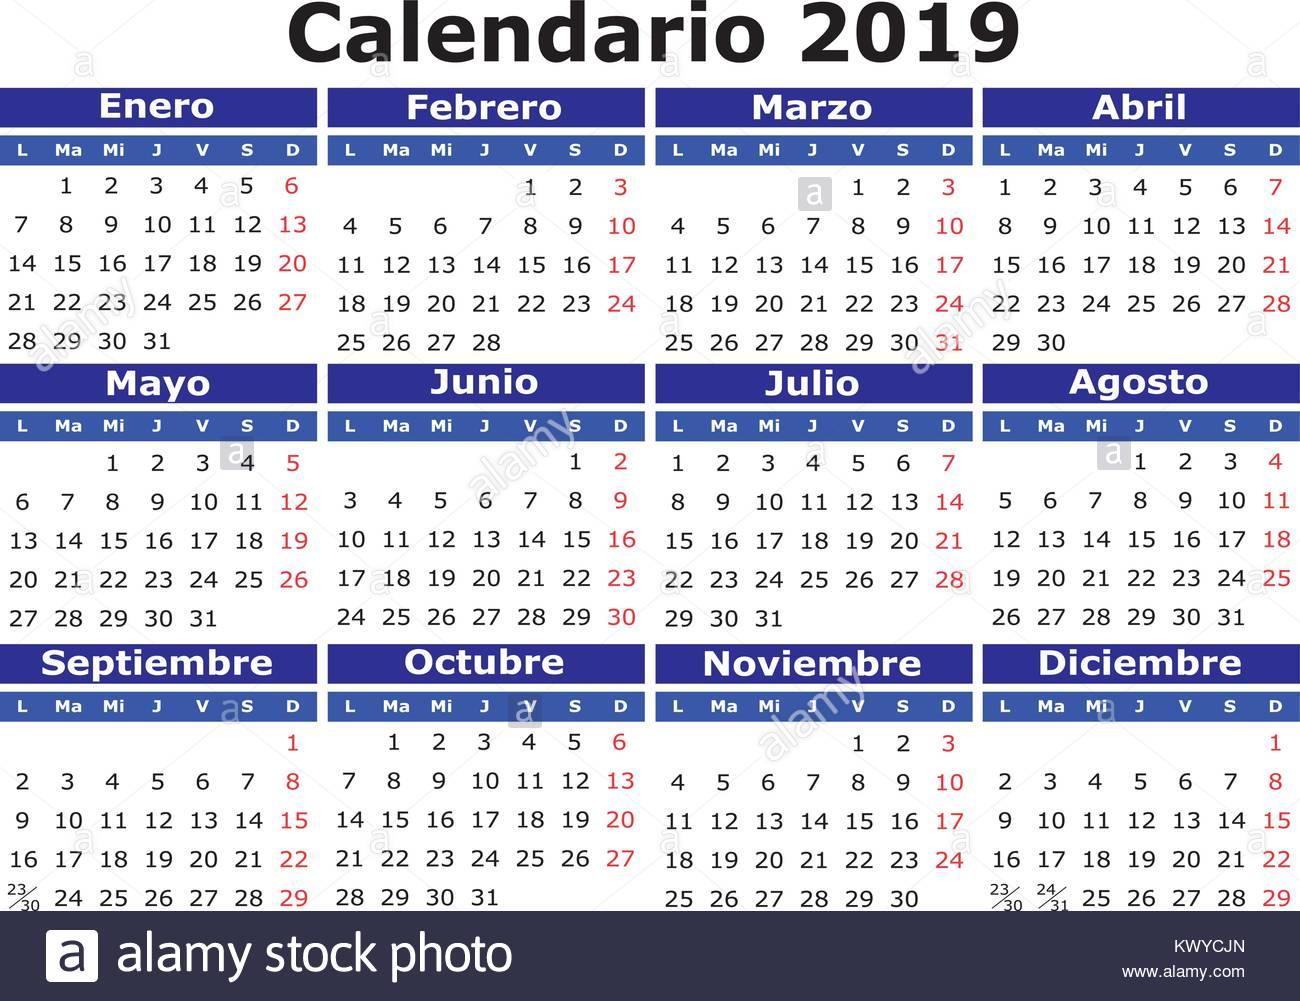 Calendario Vectorizado.2018 Vector Calendar In Spanish Easy For Edit And Apply